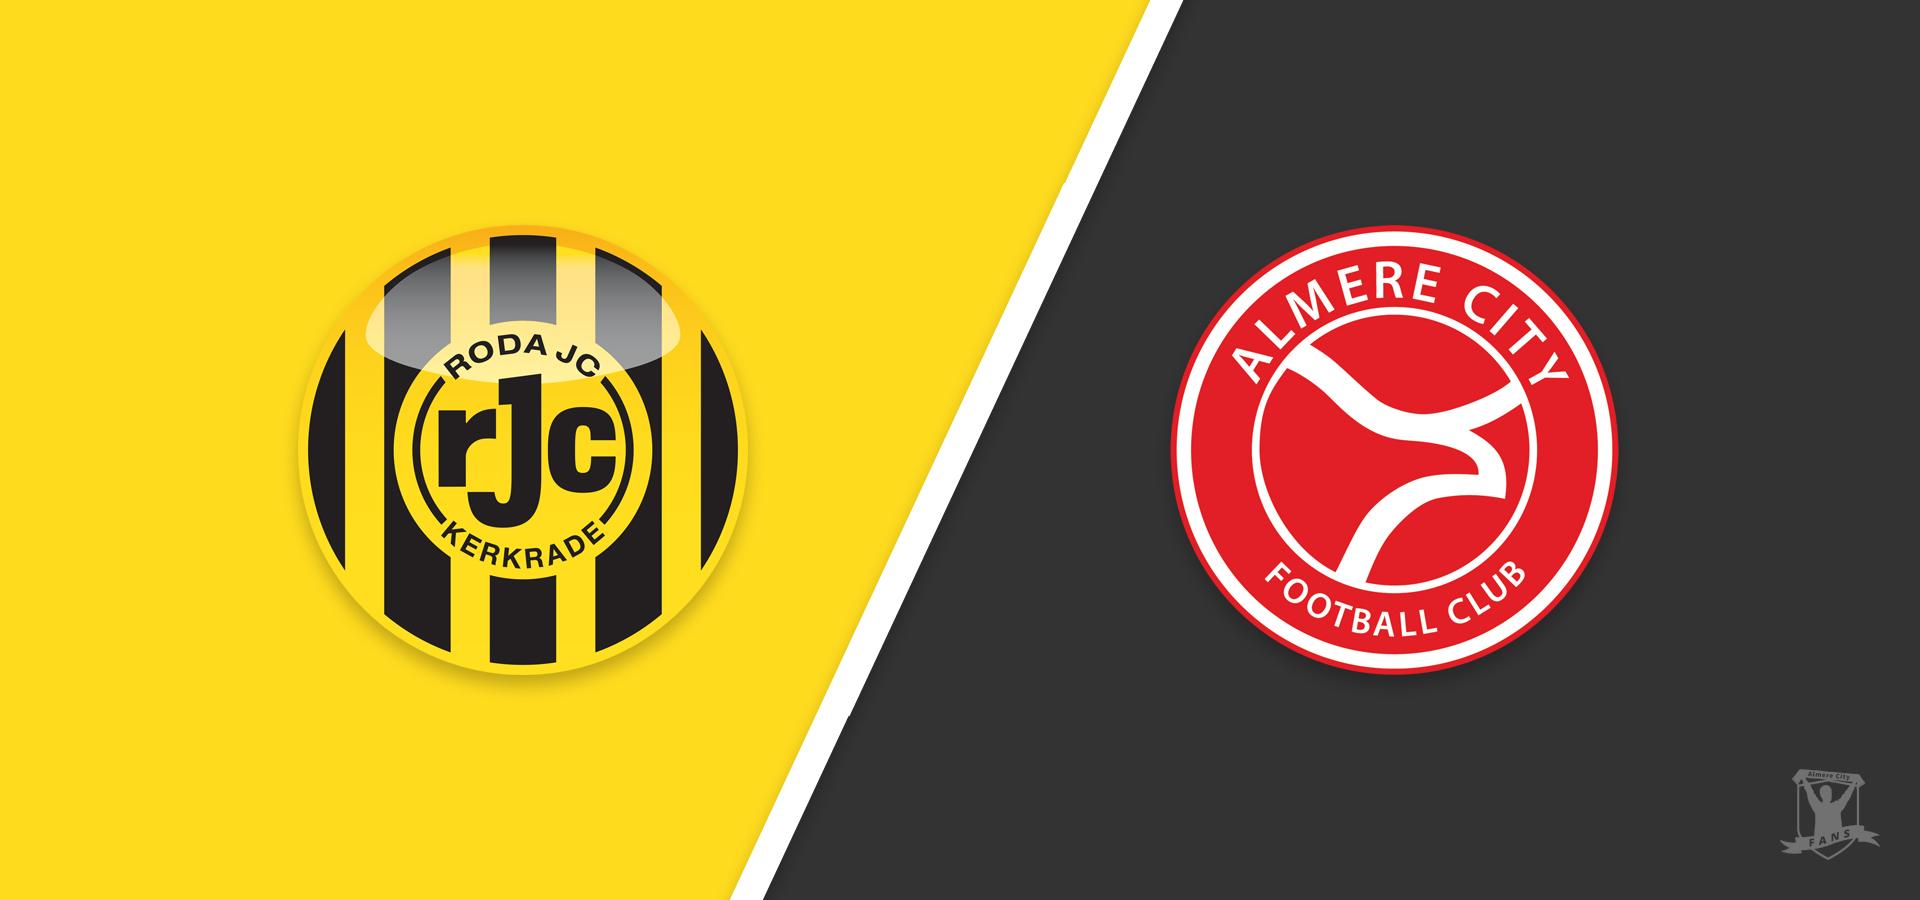 Voorbeschouwing: Almere City FC wil 2e plek vasthouden tegen Roda JC